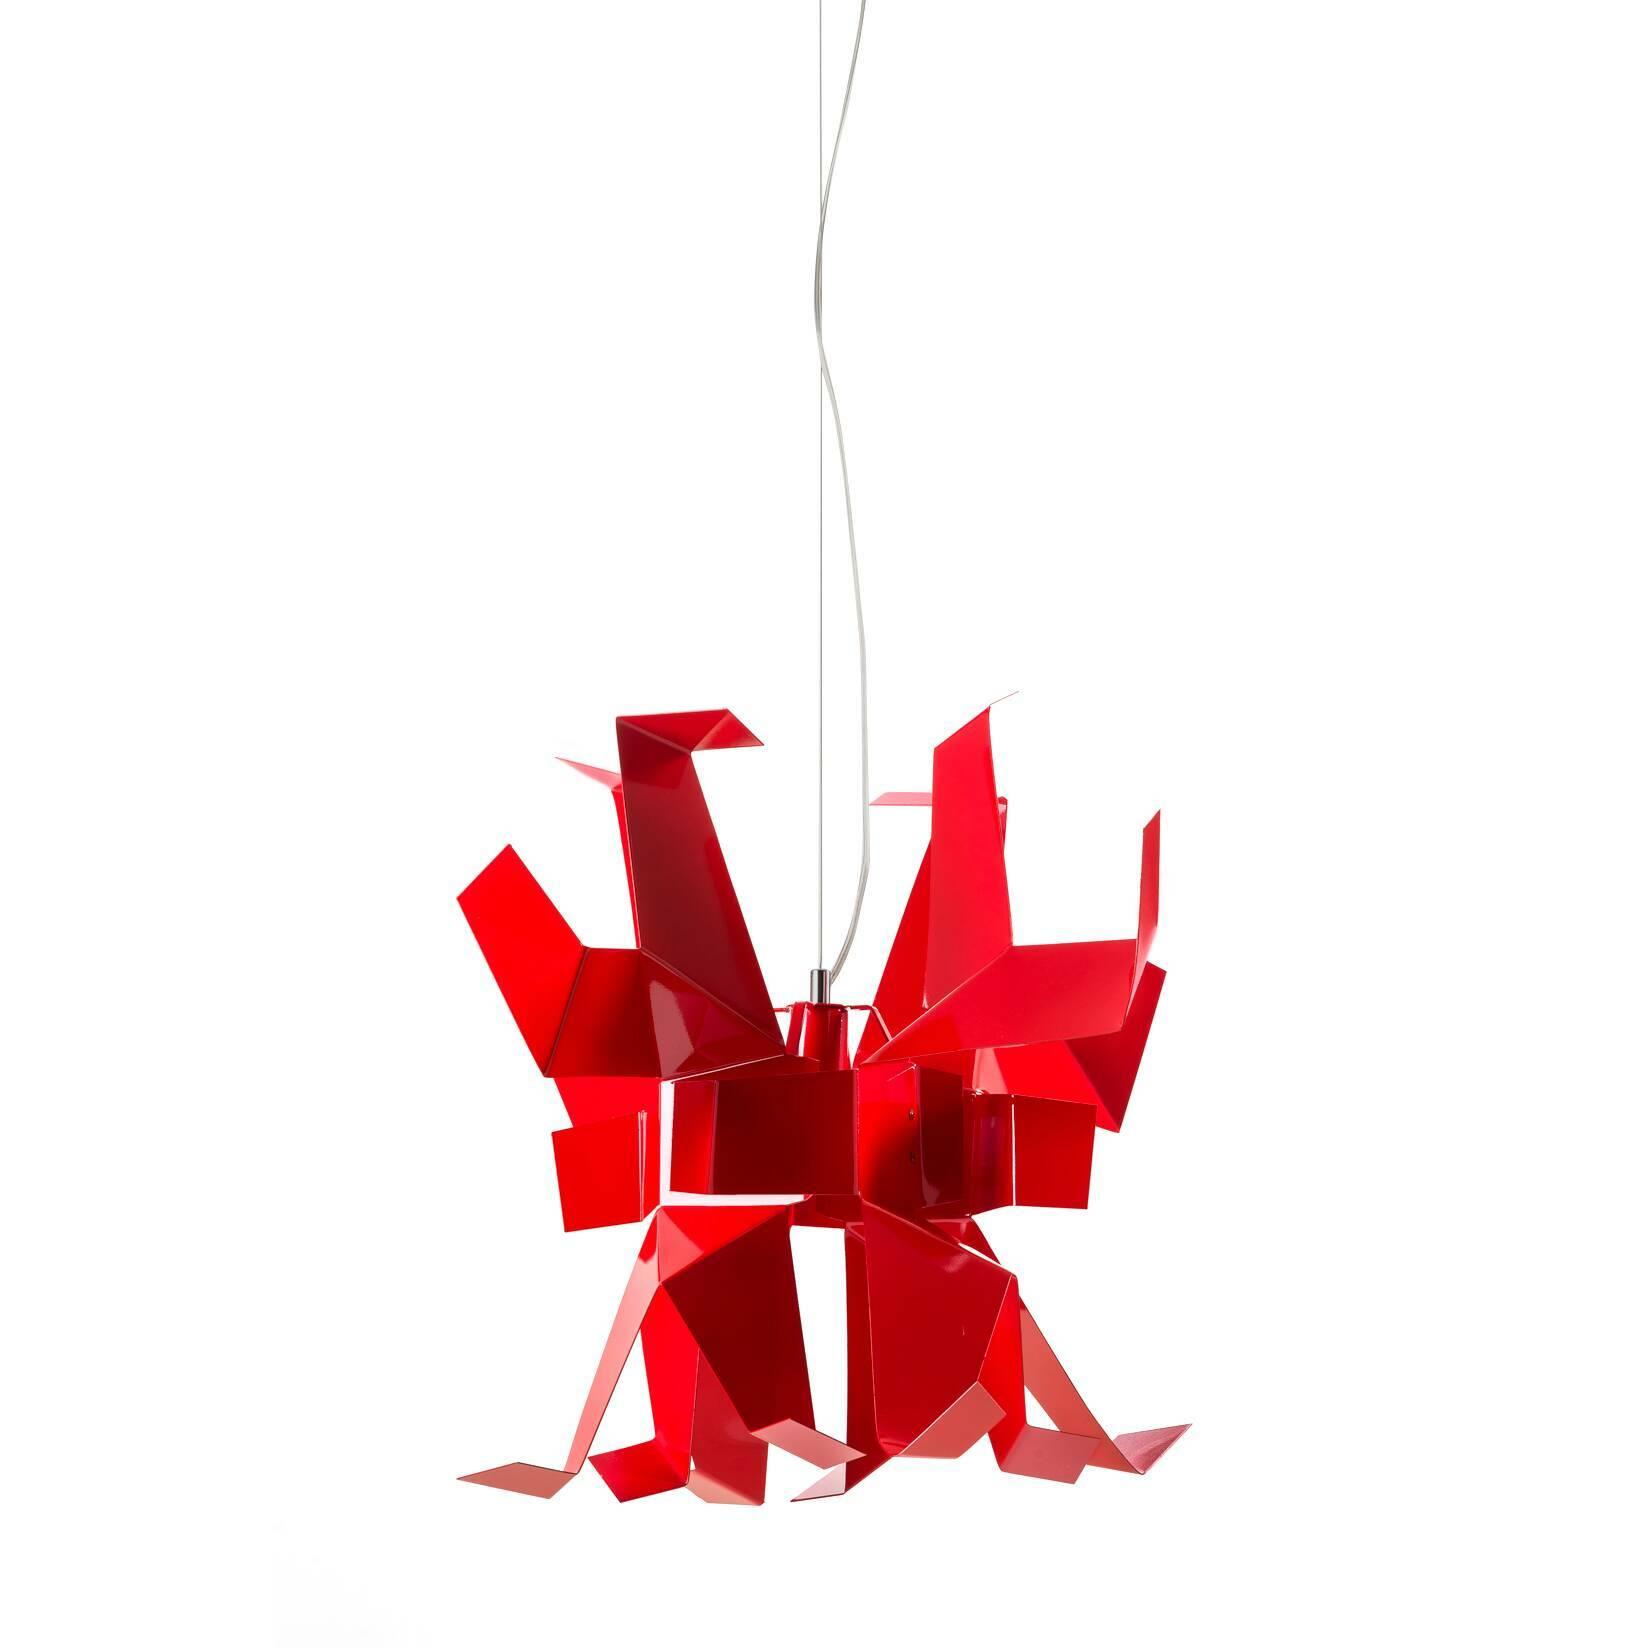 Подвесной светильник GlowПодвесные<br>Подвесной светильник Glow придётся по нраву любителям неординарных решений в области дизайна. Идея создания этого креативного осветительного прибора принадлежит Энрико Франзолини, автору утончённых и изысканных предметов декора. Большинство его работ отличает многогранность фактуры и скульптурная элегантность.<br><br><br>По-настоящему смелая геометрия потолочного светильника Glow внесёт свежие нотки современного стиля в дизайн помещения. Металлические пластины сочного красного цвета образуют св...<br><br>stock: 2<br>Высота: 50<br>Ширина: 55<br>Длина: 55<br>Количество ламп: 1<br>Материал абажура: Металл<br>Ламп в комплекте: Нет<br>Напряжение: 220<br>Тип лампы/цоколь: E27<br>Цвет абажура: Красный